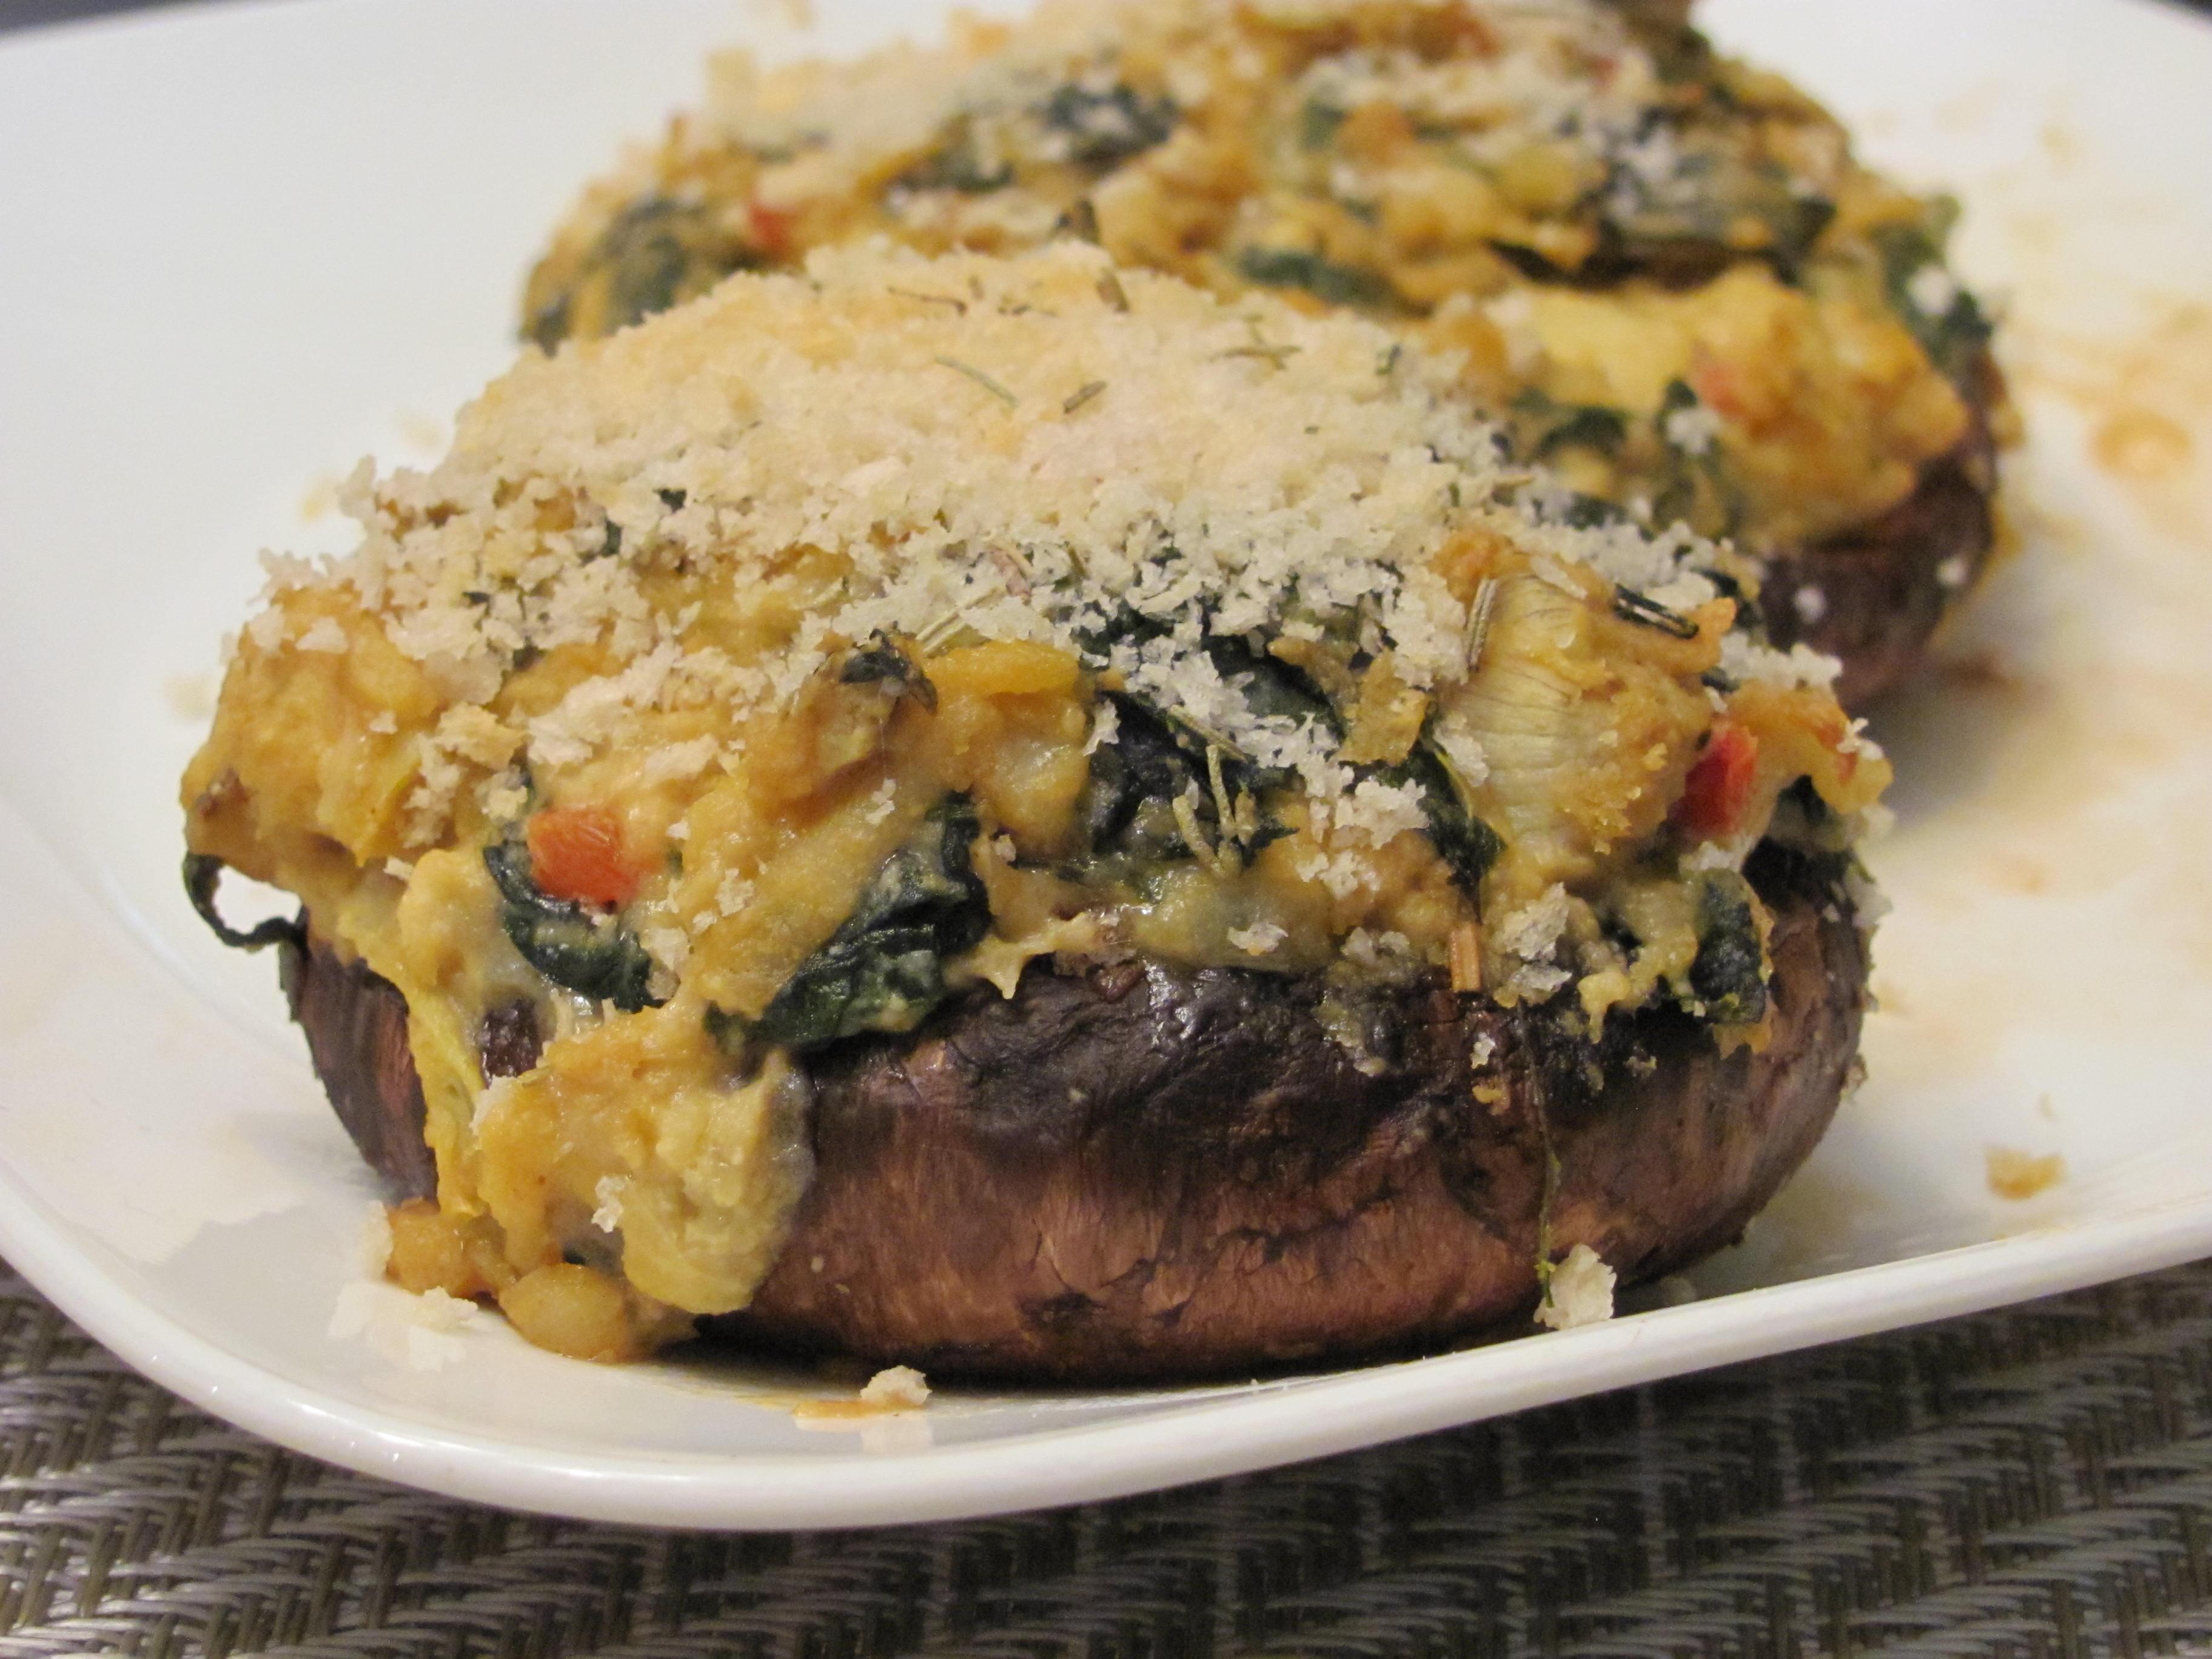 ... Artichoke Hummus Stuffed Portobello Mushrooms | Veggie Diva's Kitchen